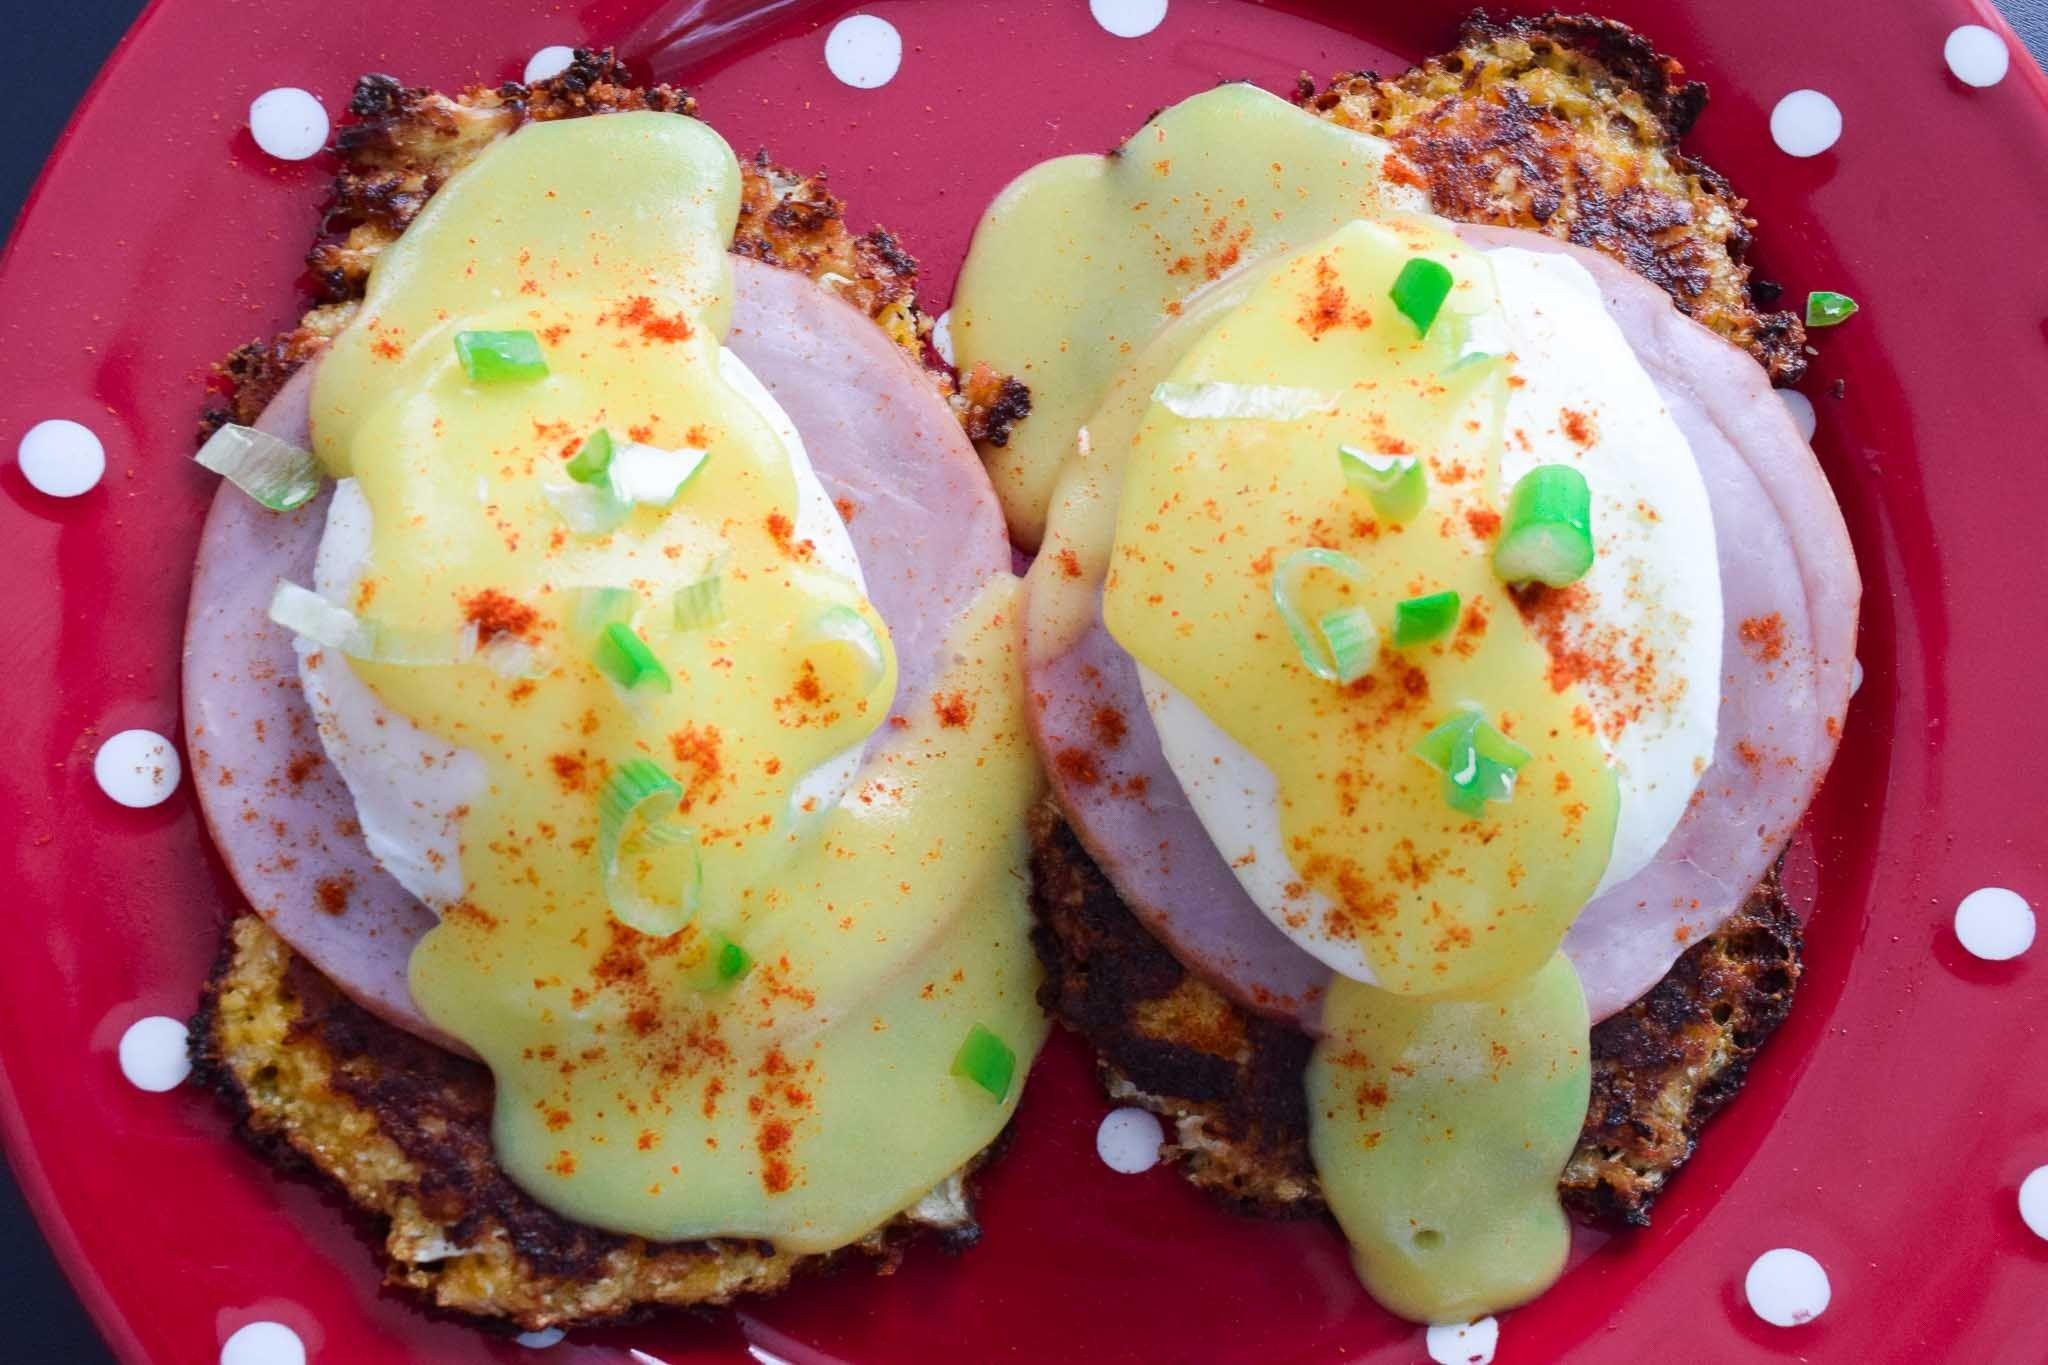 Cauliflower benedict recipe recipe for hollandaise